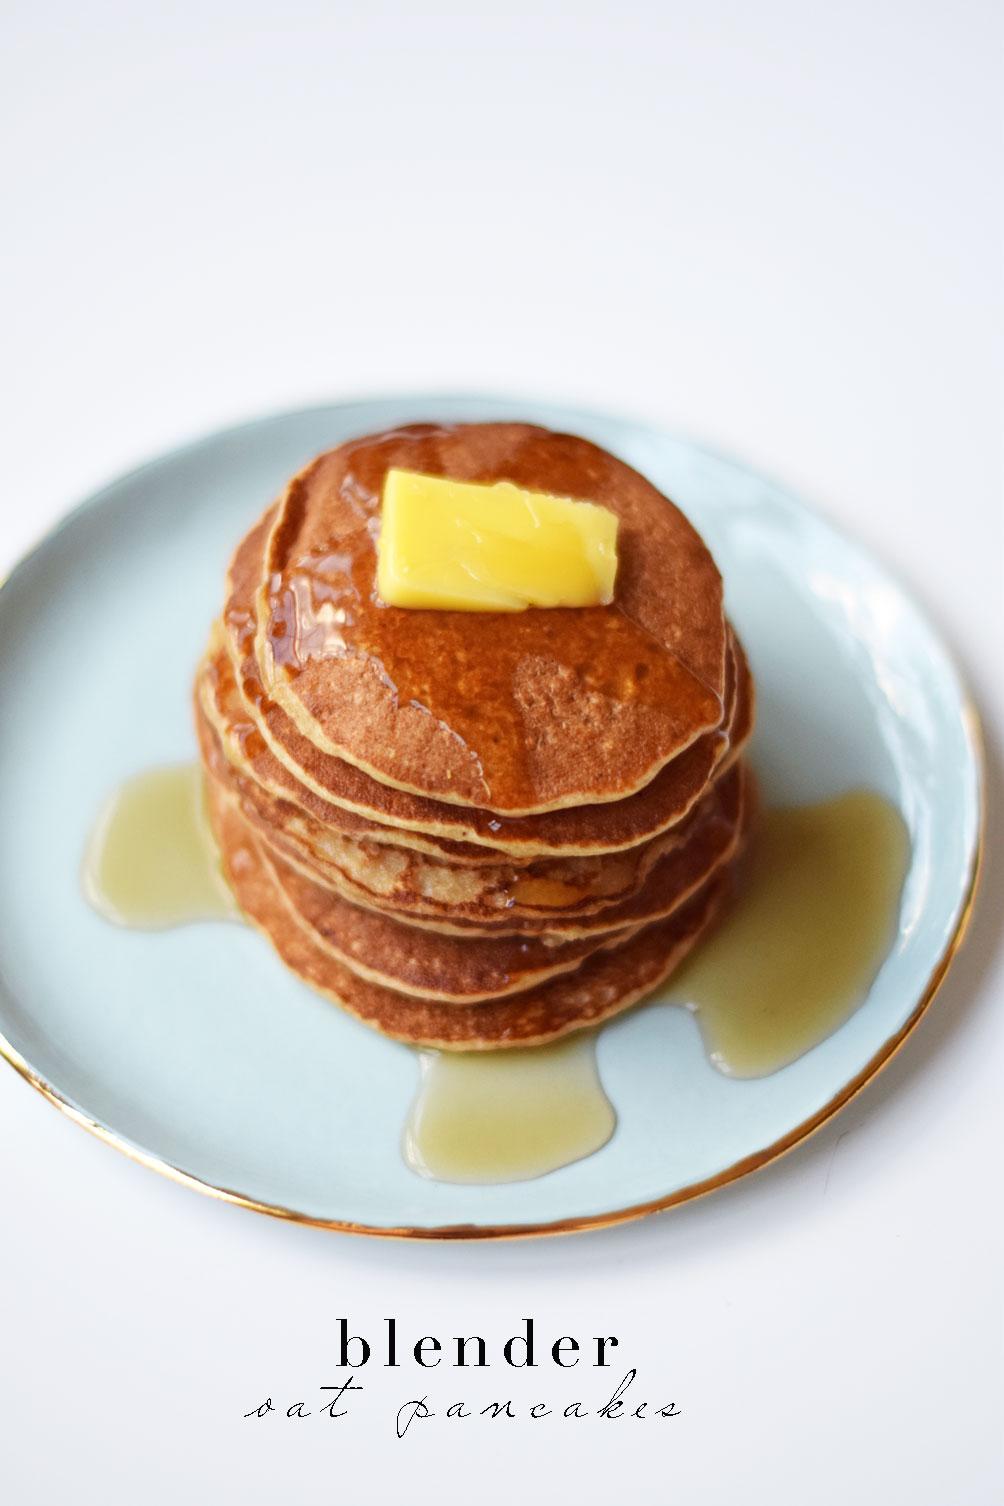 blender-oat-pancakes-10